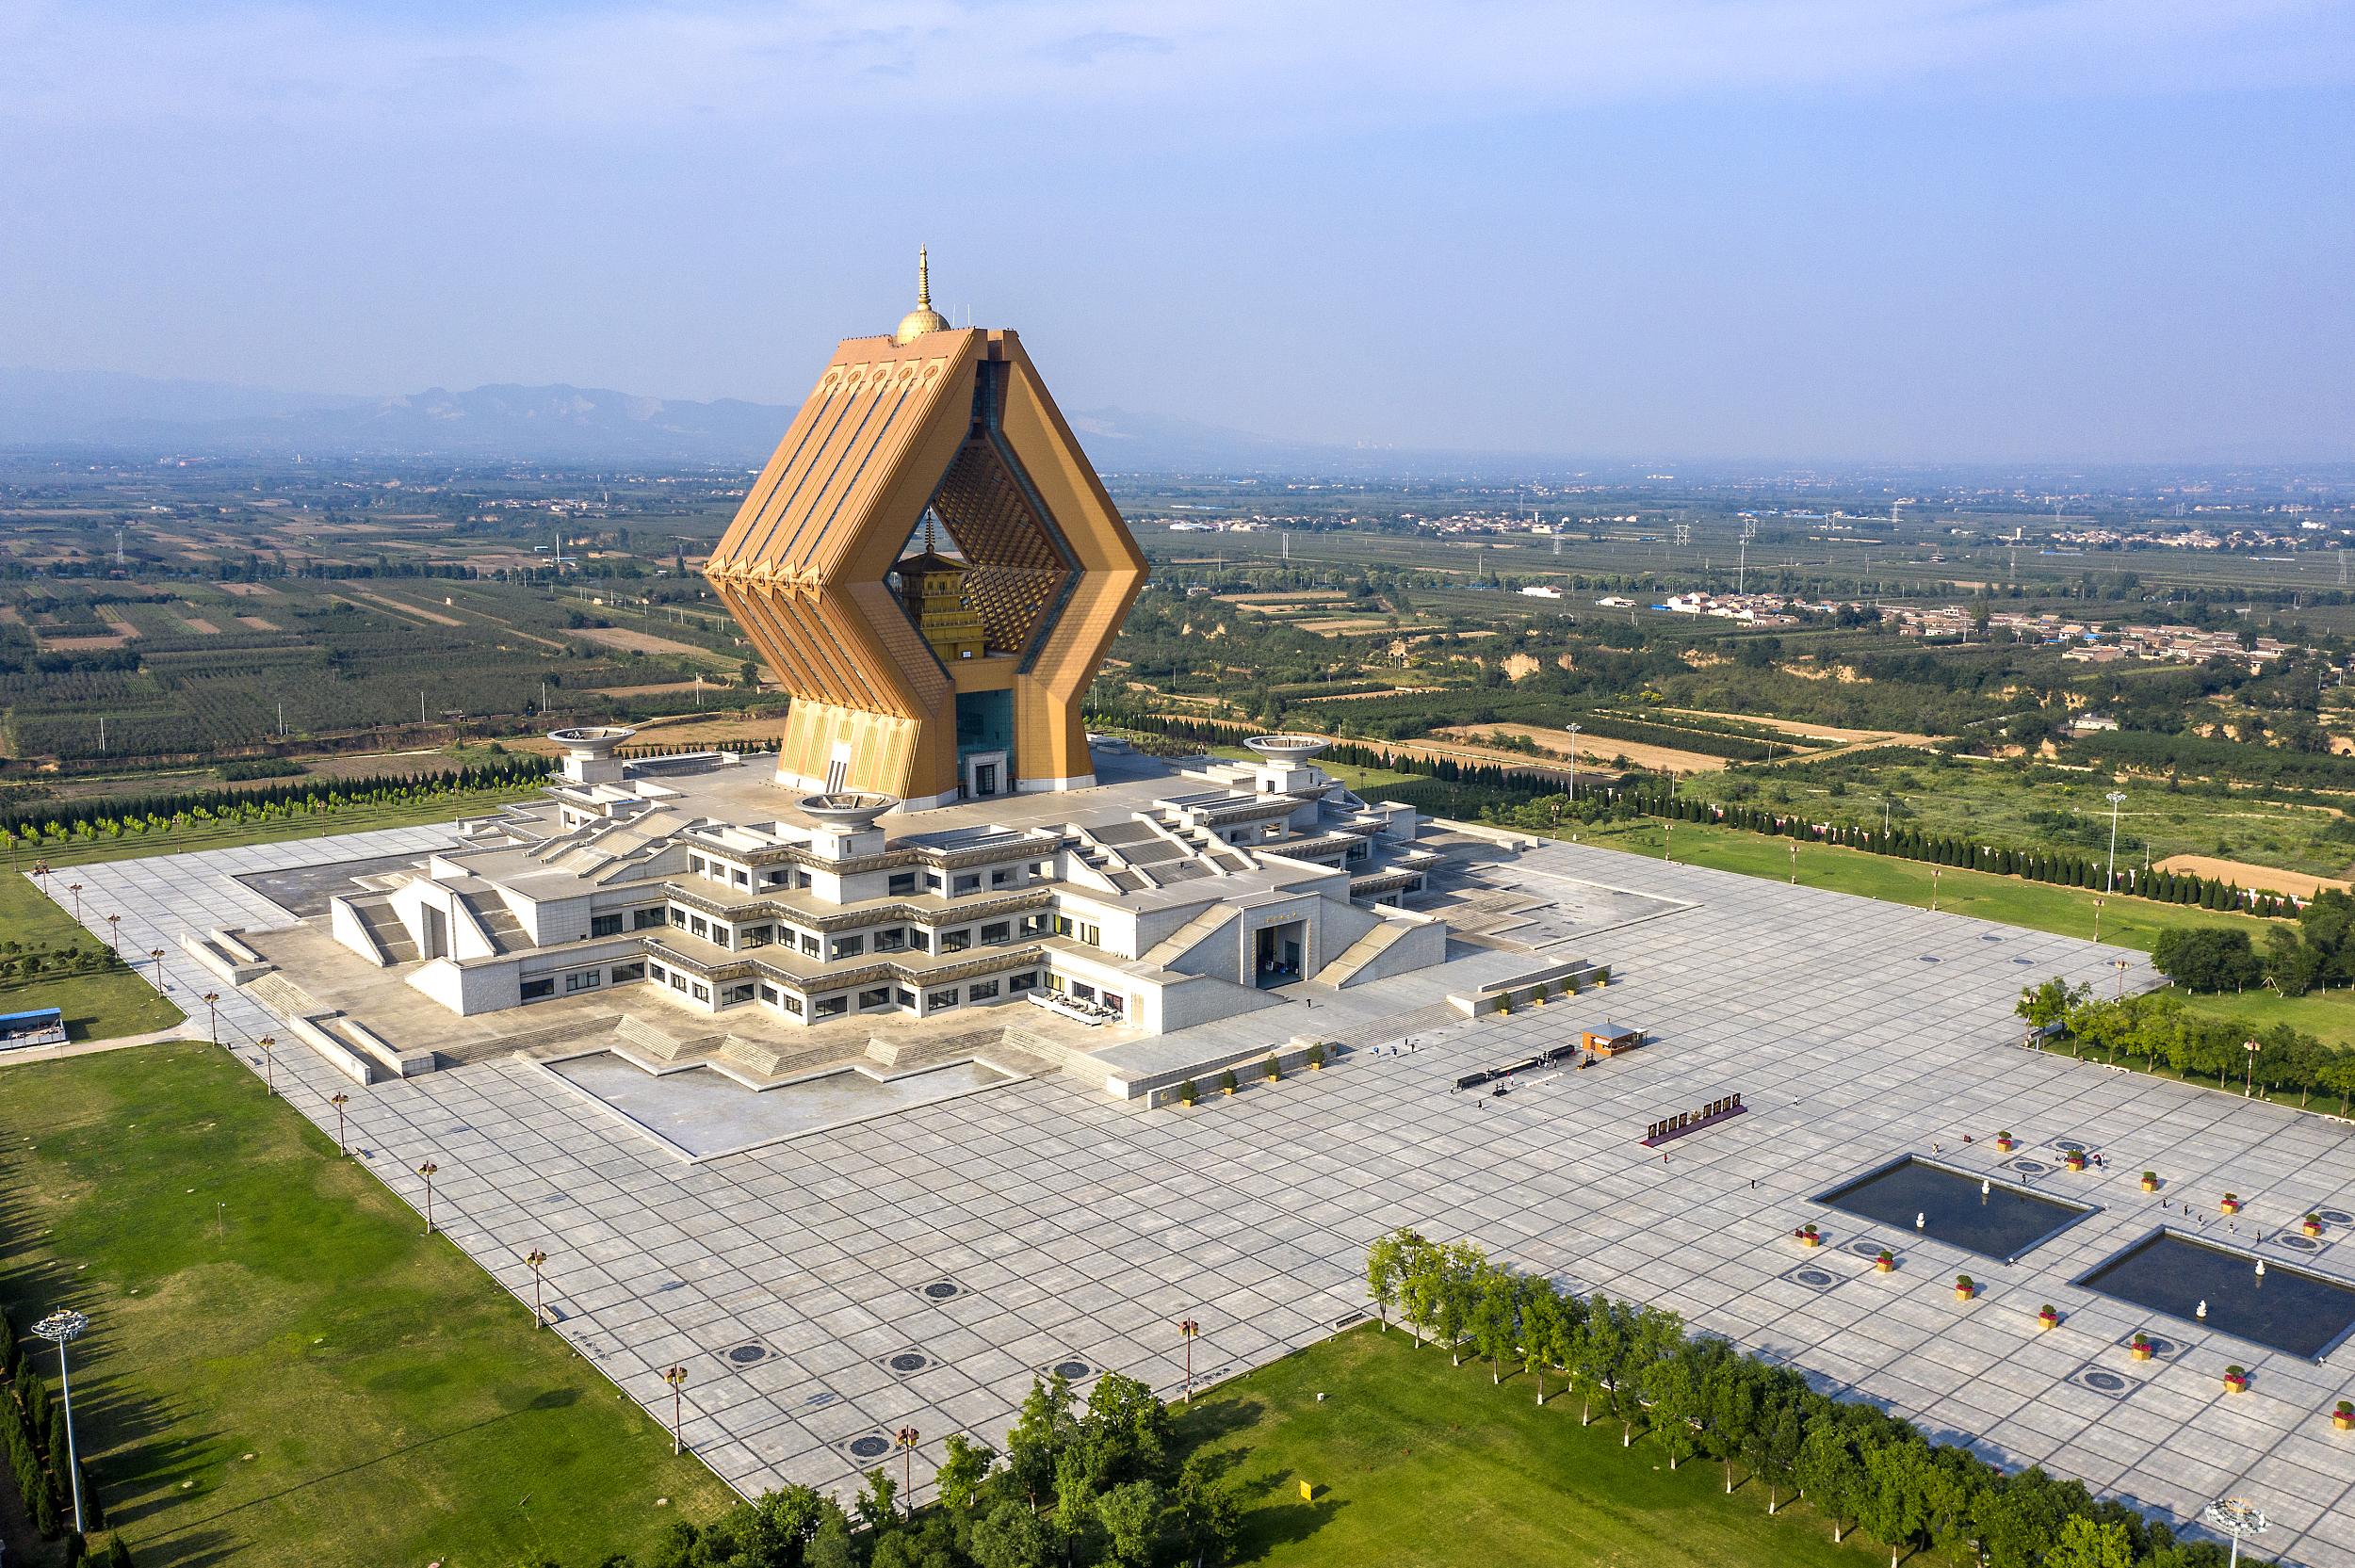 Helix stupa